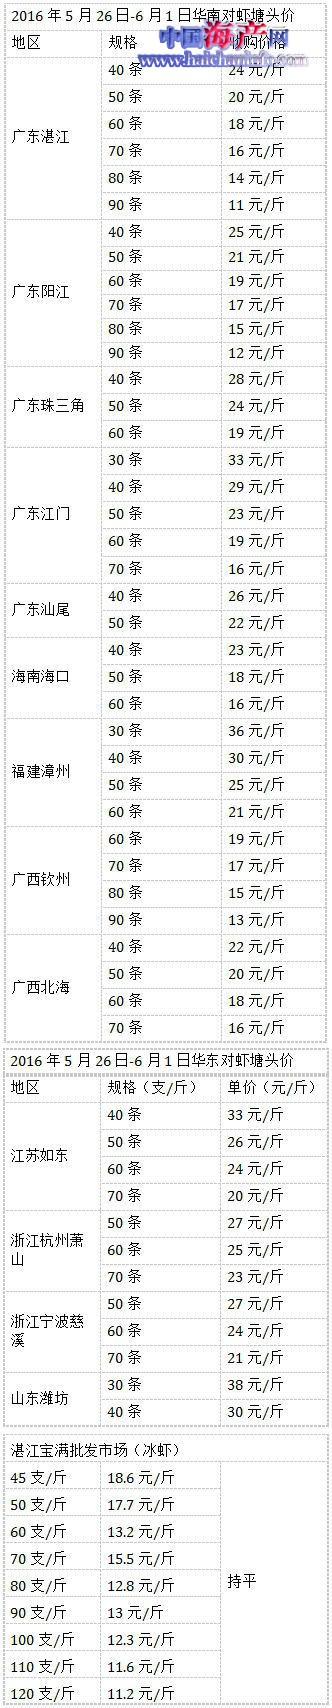 福建漳州对虾价钱逆势涨6元/斤 6元/斤再次领跑全国